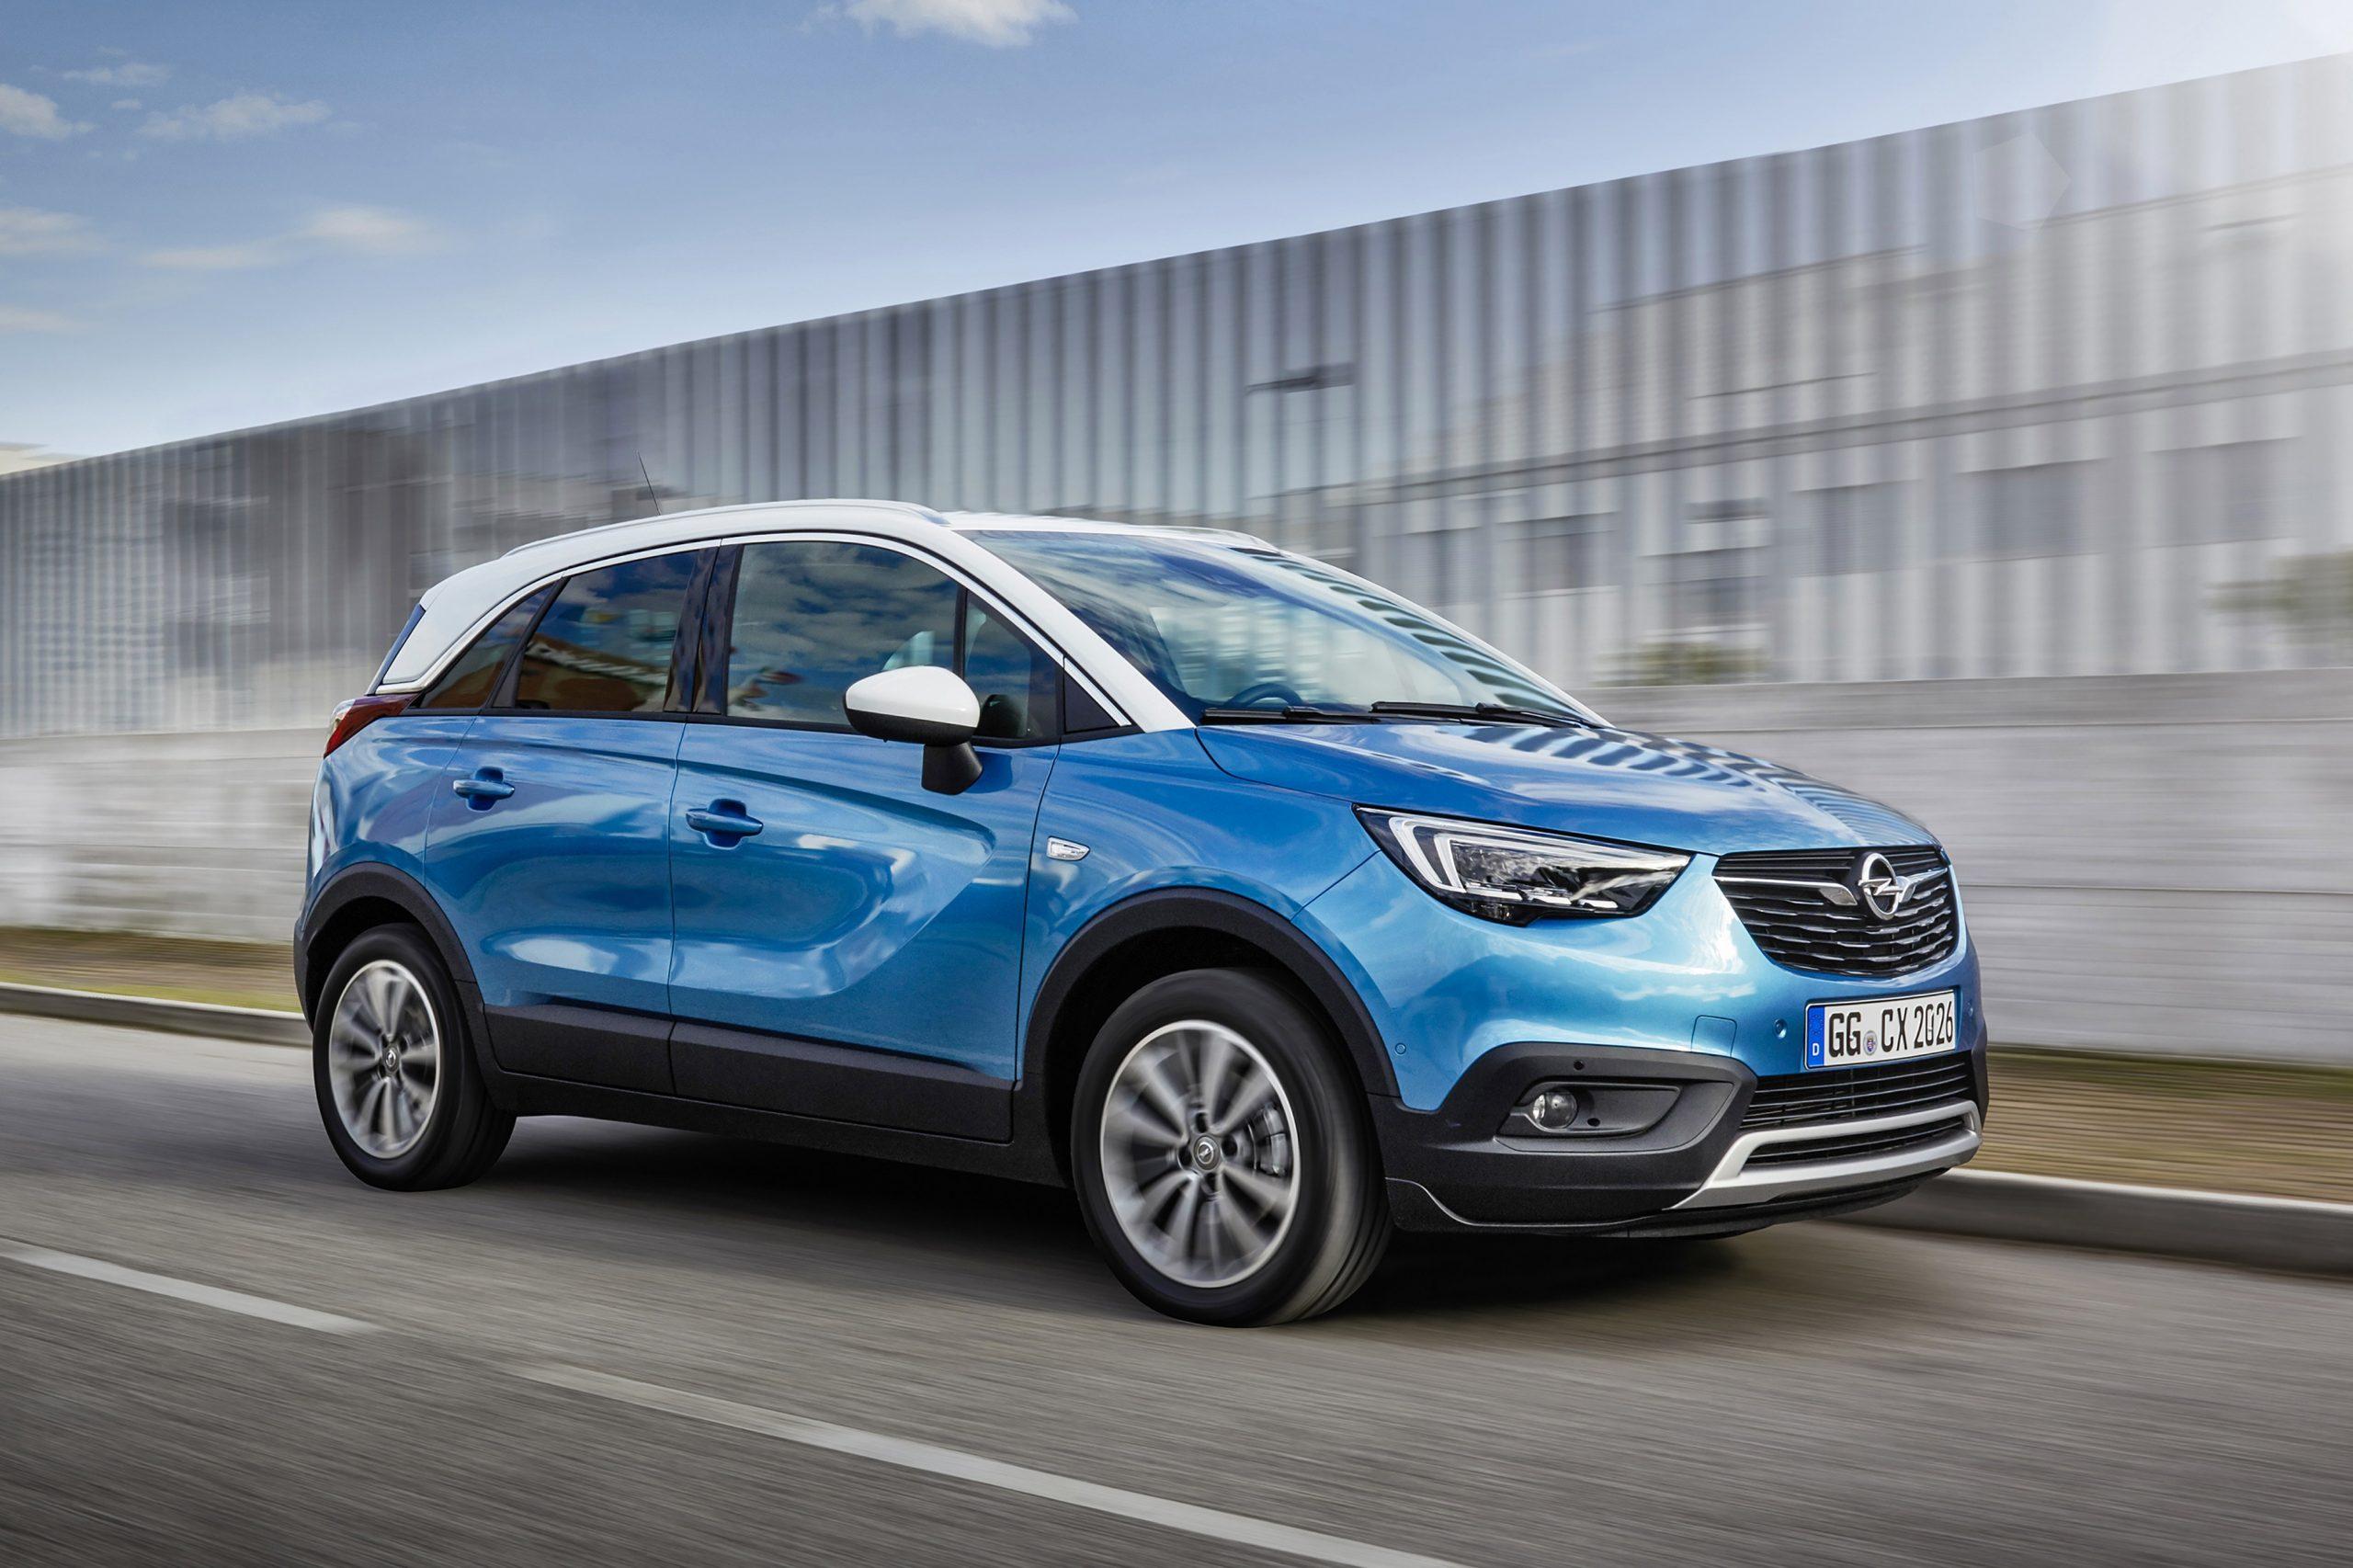 Ventas de coches Abril 2020: Descalabro sin precedentes